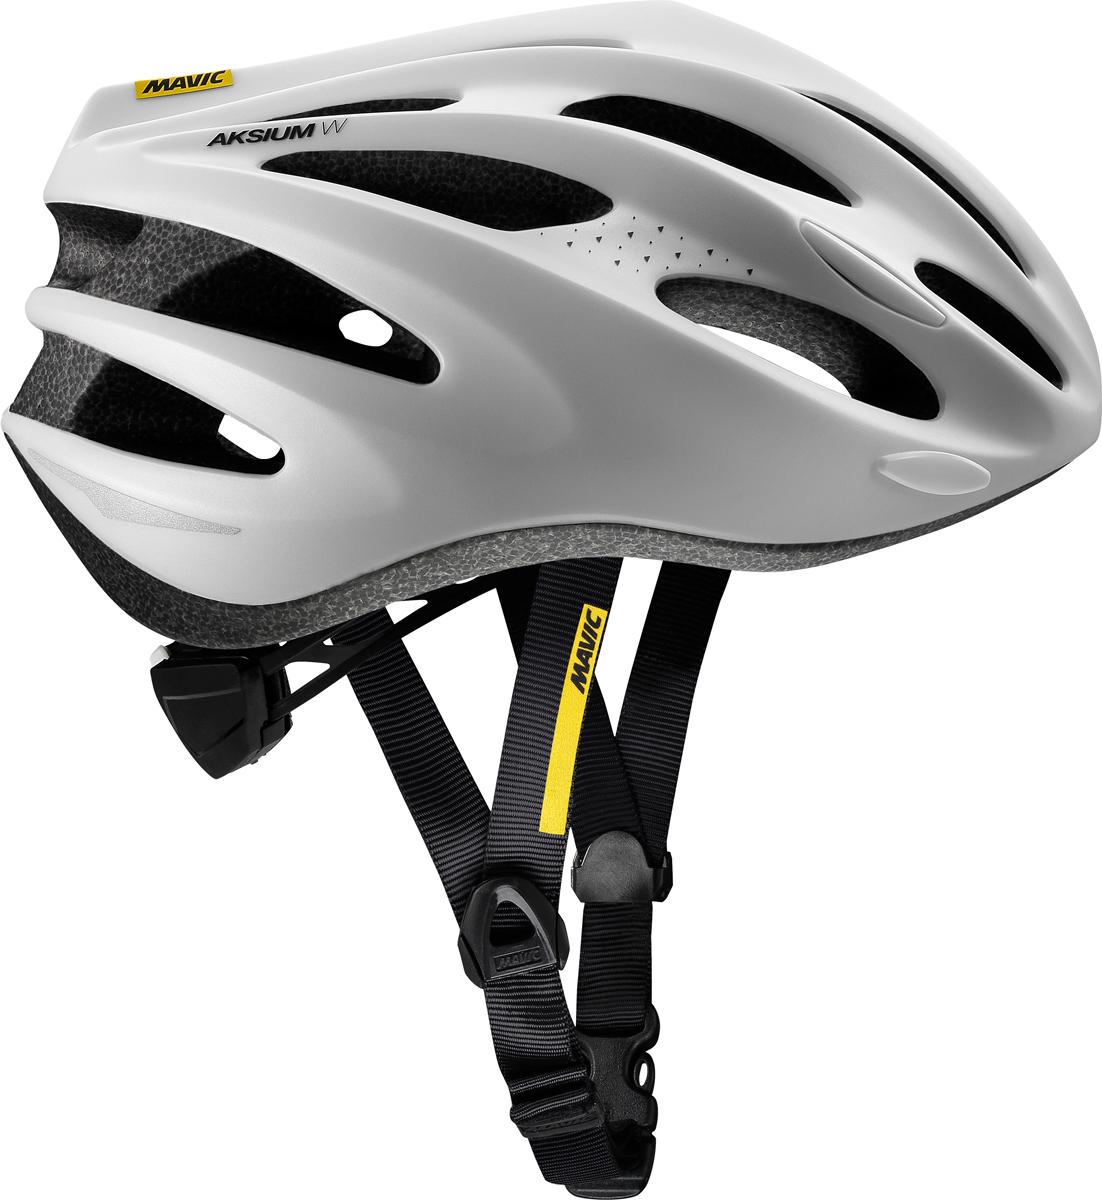 mavic aksium damen rennrad fahrrad helm wei 2017 von. Black Bedroom Furniture Sets. Home Design Ideas